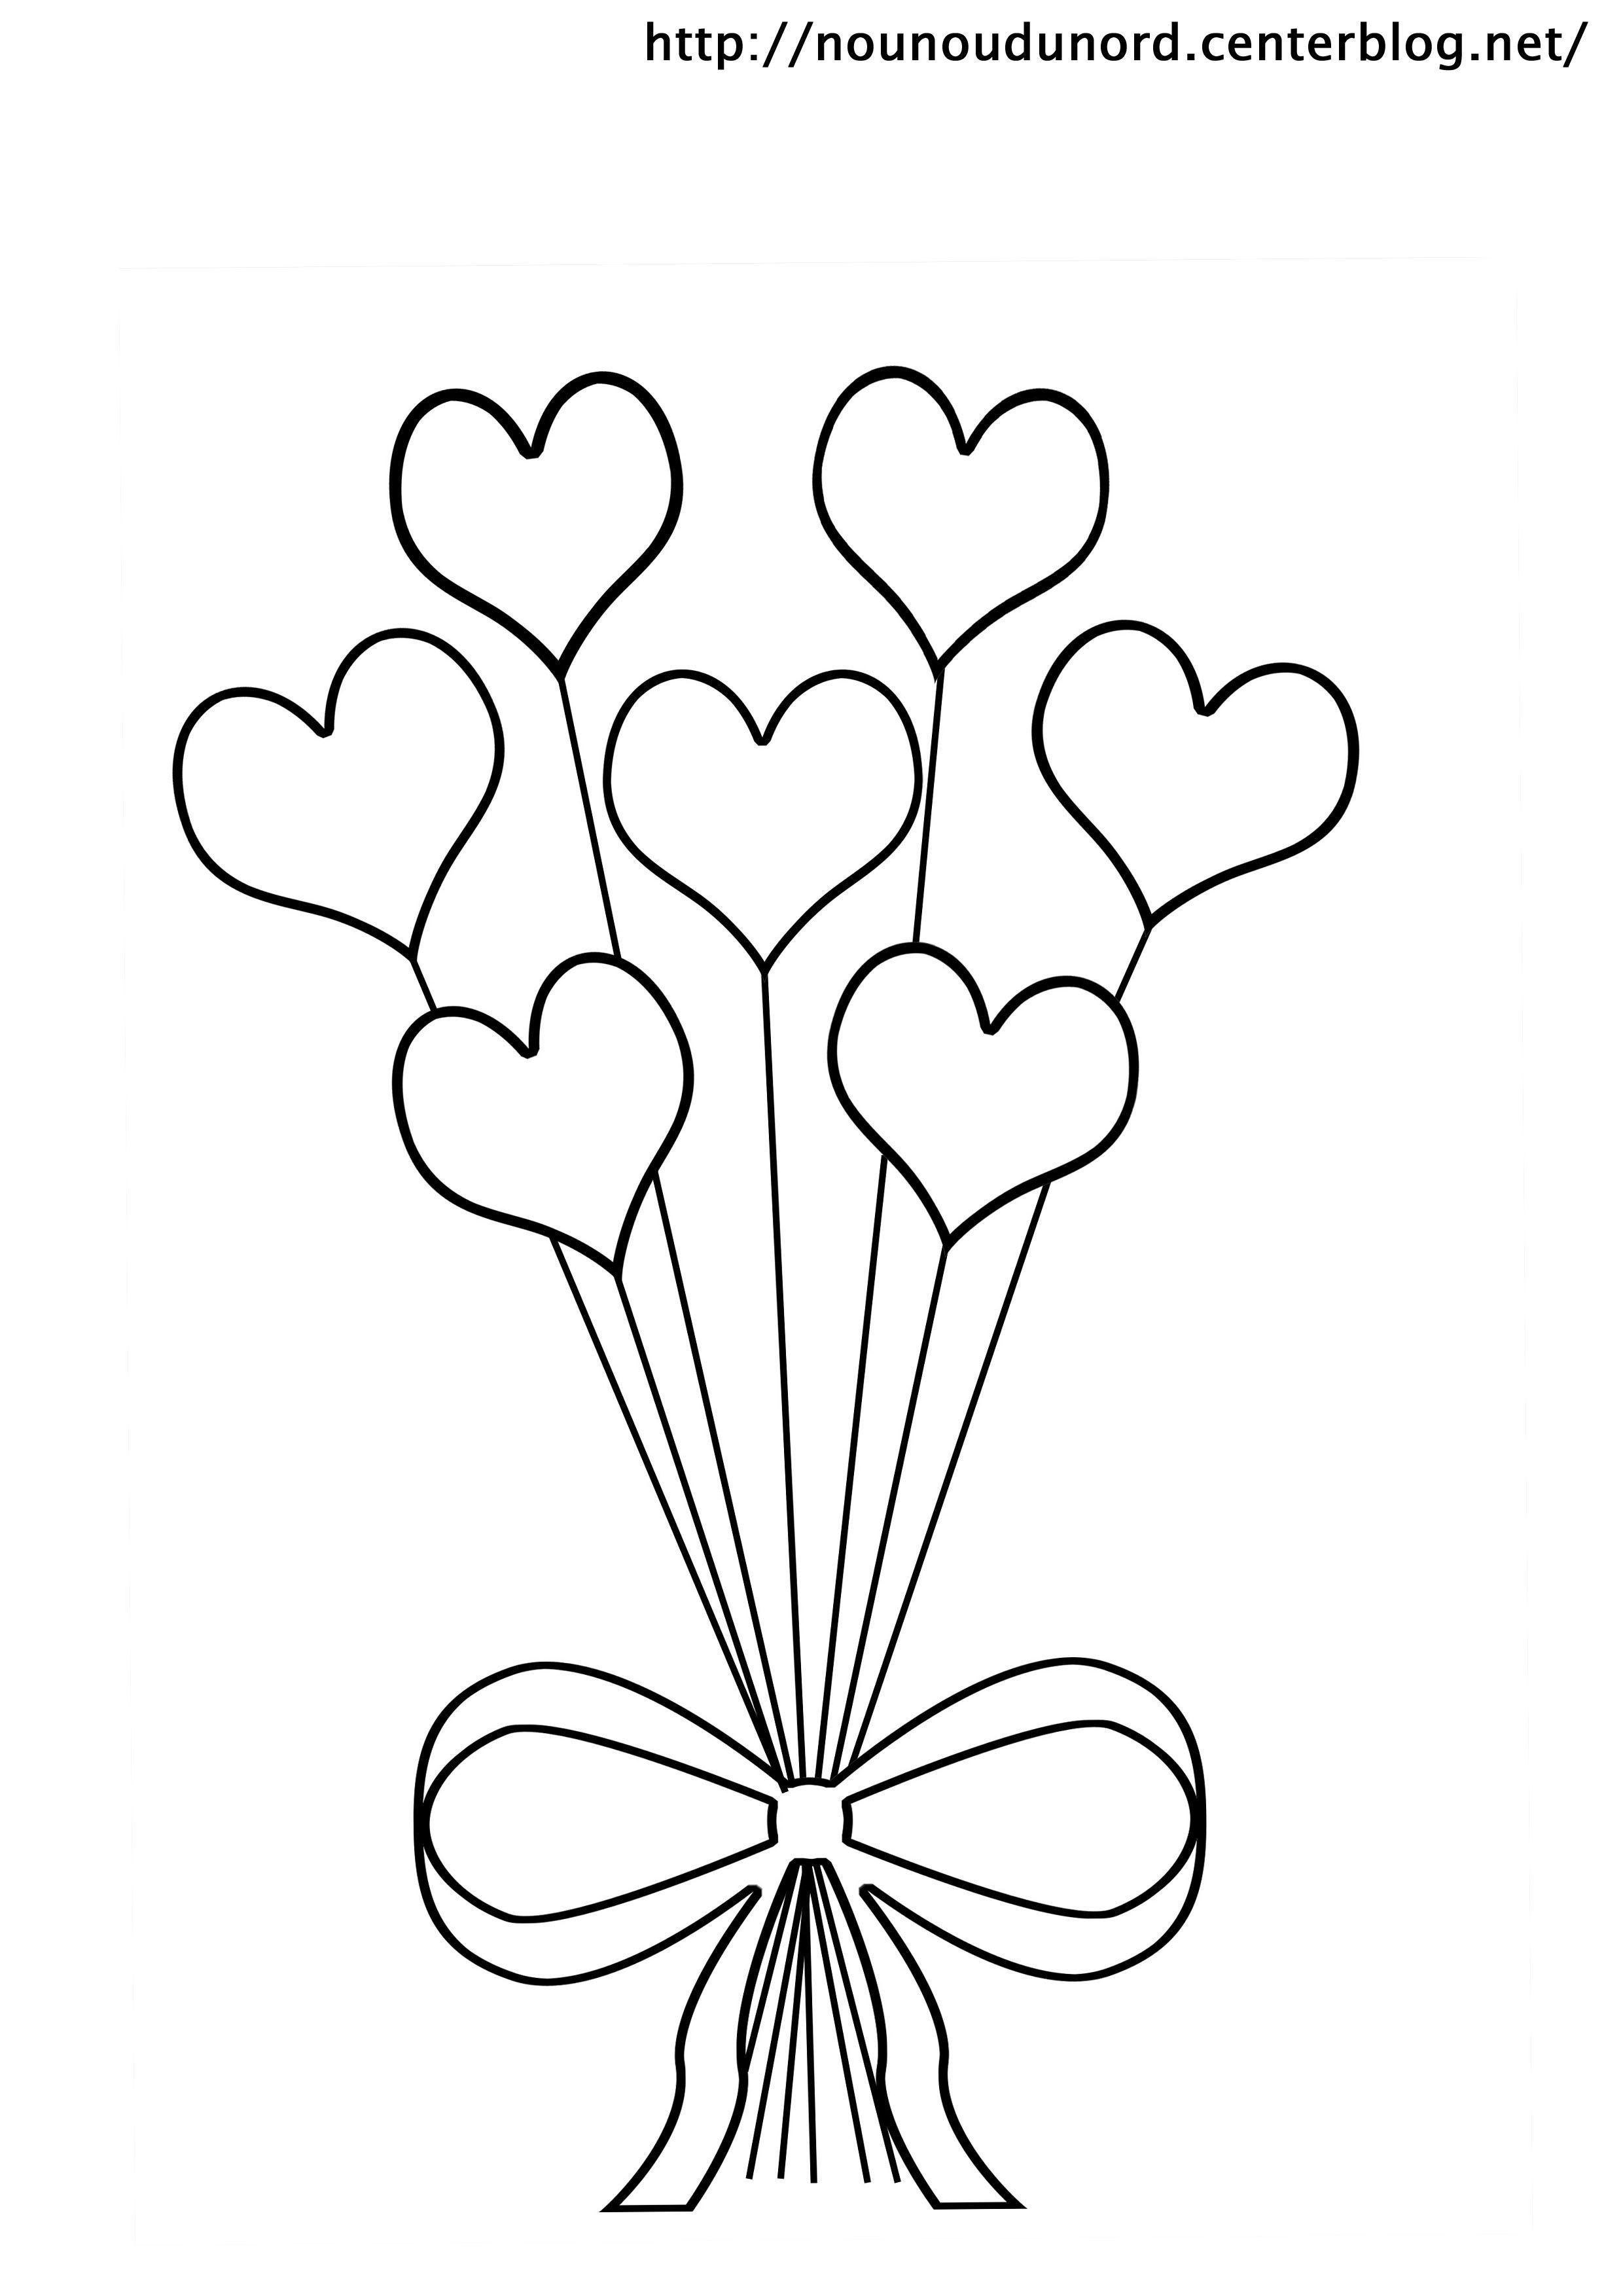 Coloriage Etoile Coeur.Coloriage Bouquet De Coeur Dessine Par Nounoudunord